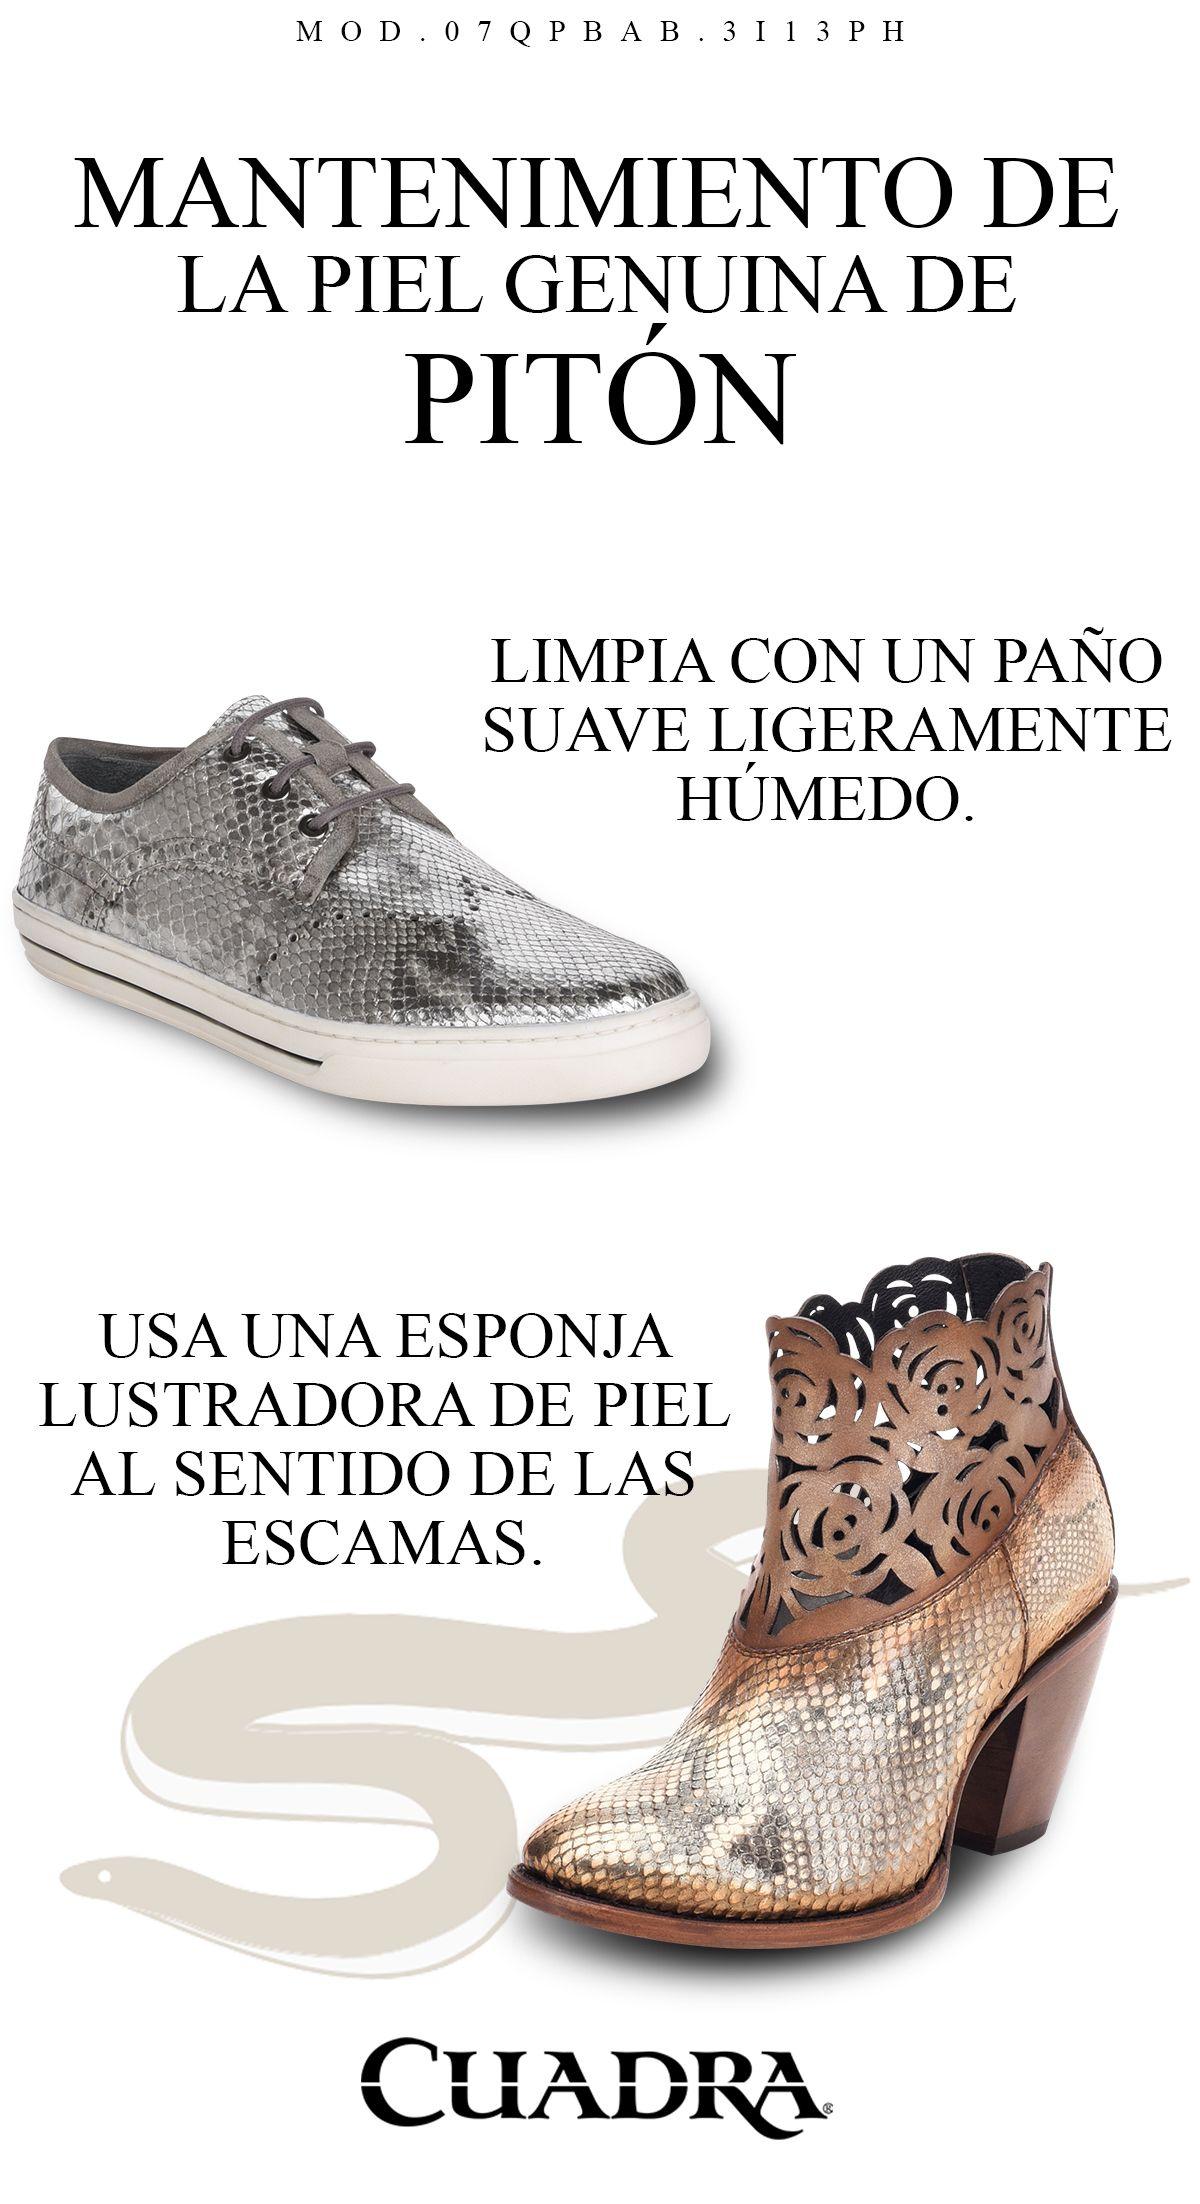 Como Cuidar La Piel De Piton De Tus Cuadra Blog Cuadra Botas De Piel Botas Vaqueras Mujer Zapatos